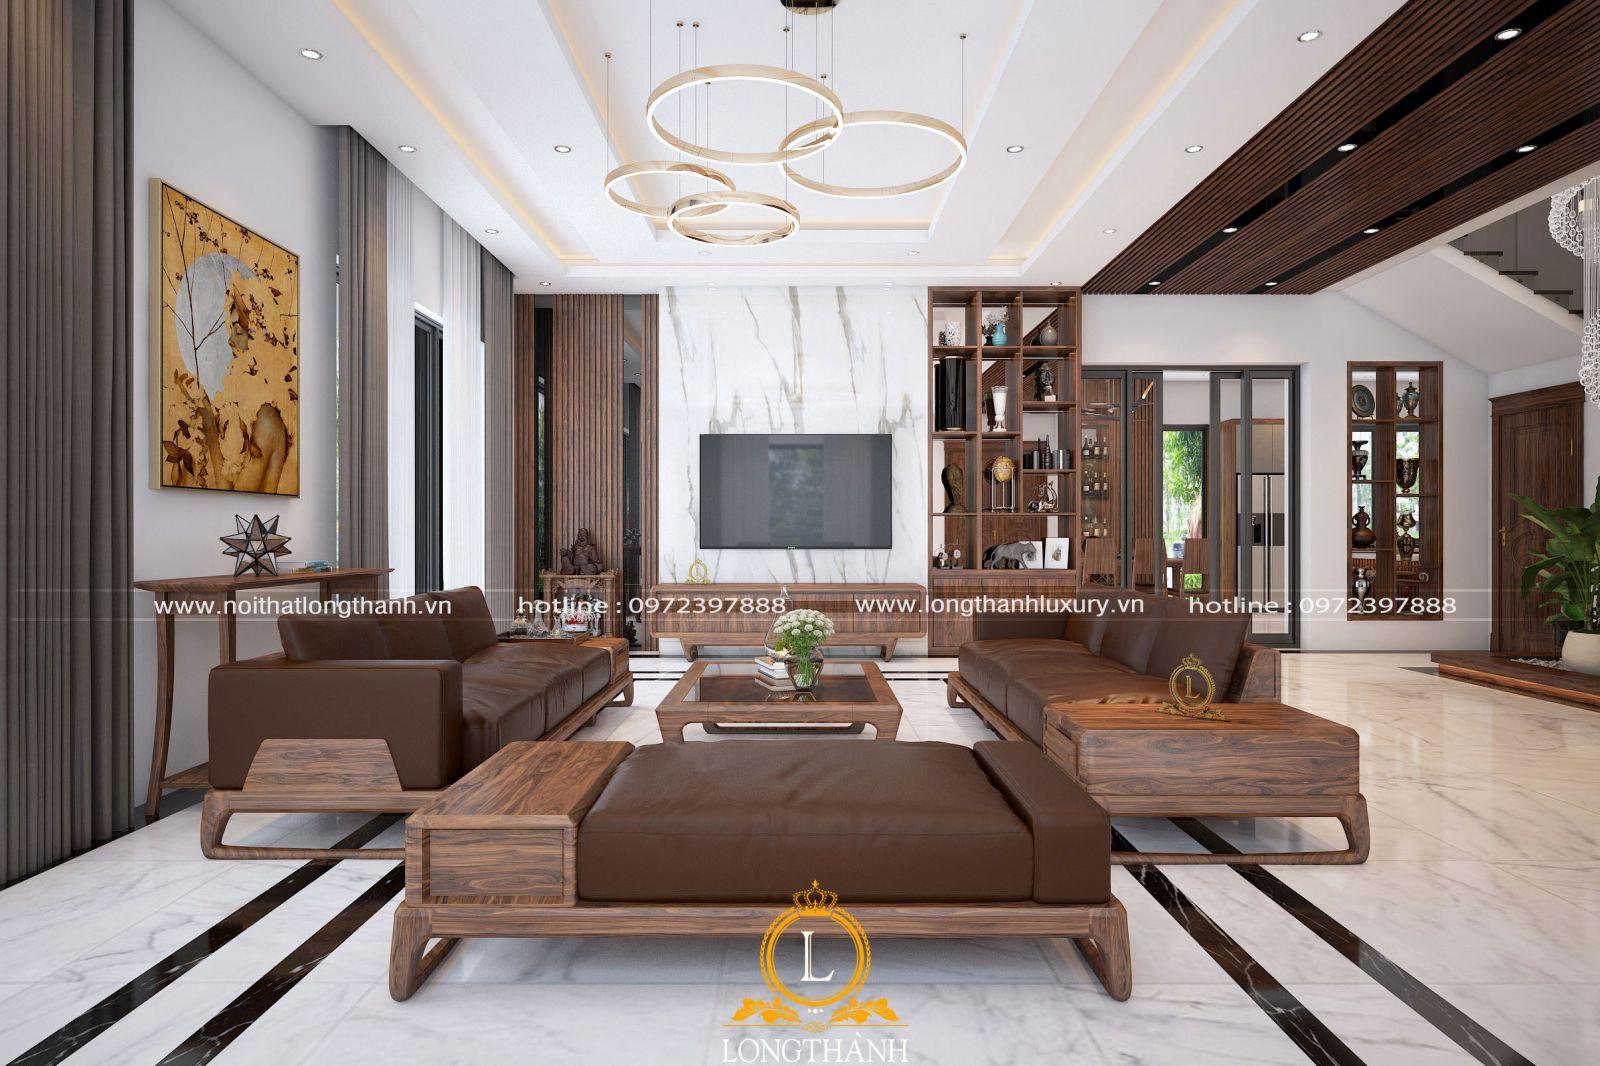 nội thất hiện đại ngày càng thịnh hành và khiến con người cảm thấy thích thú